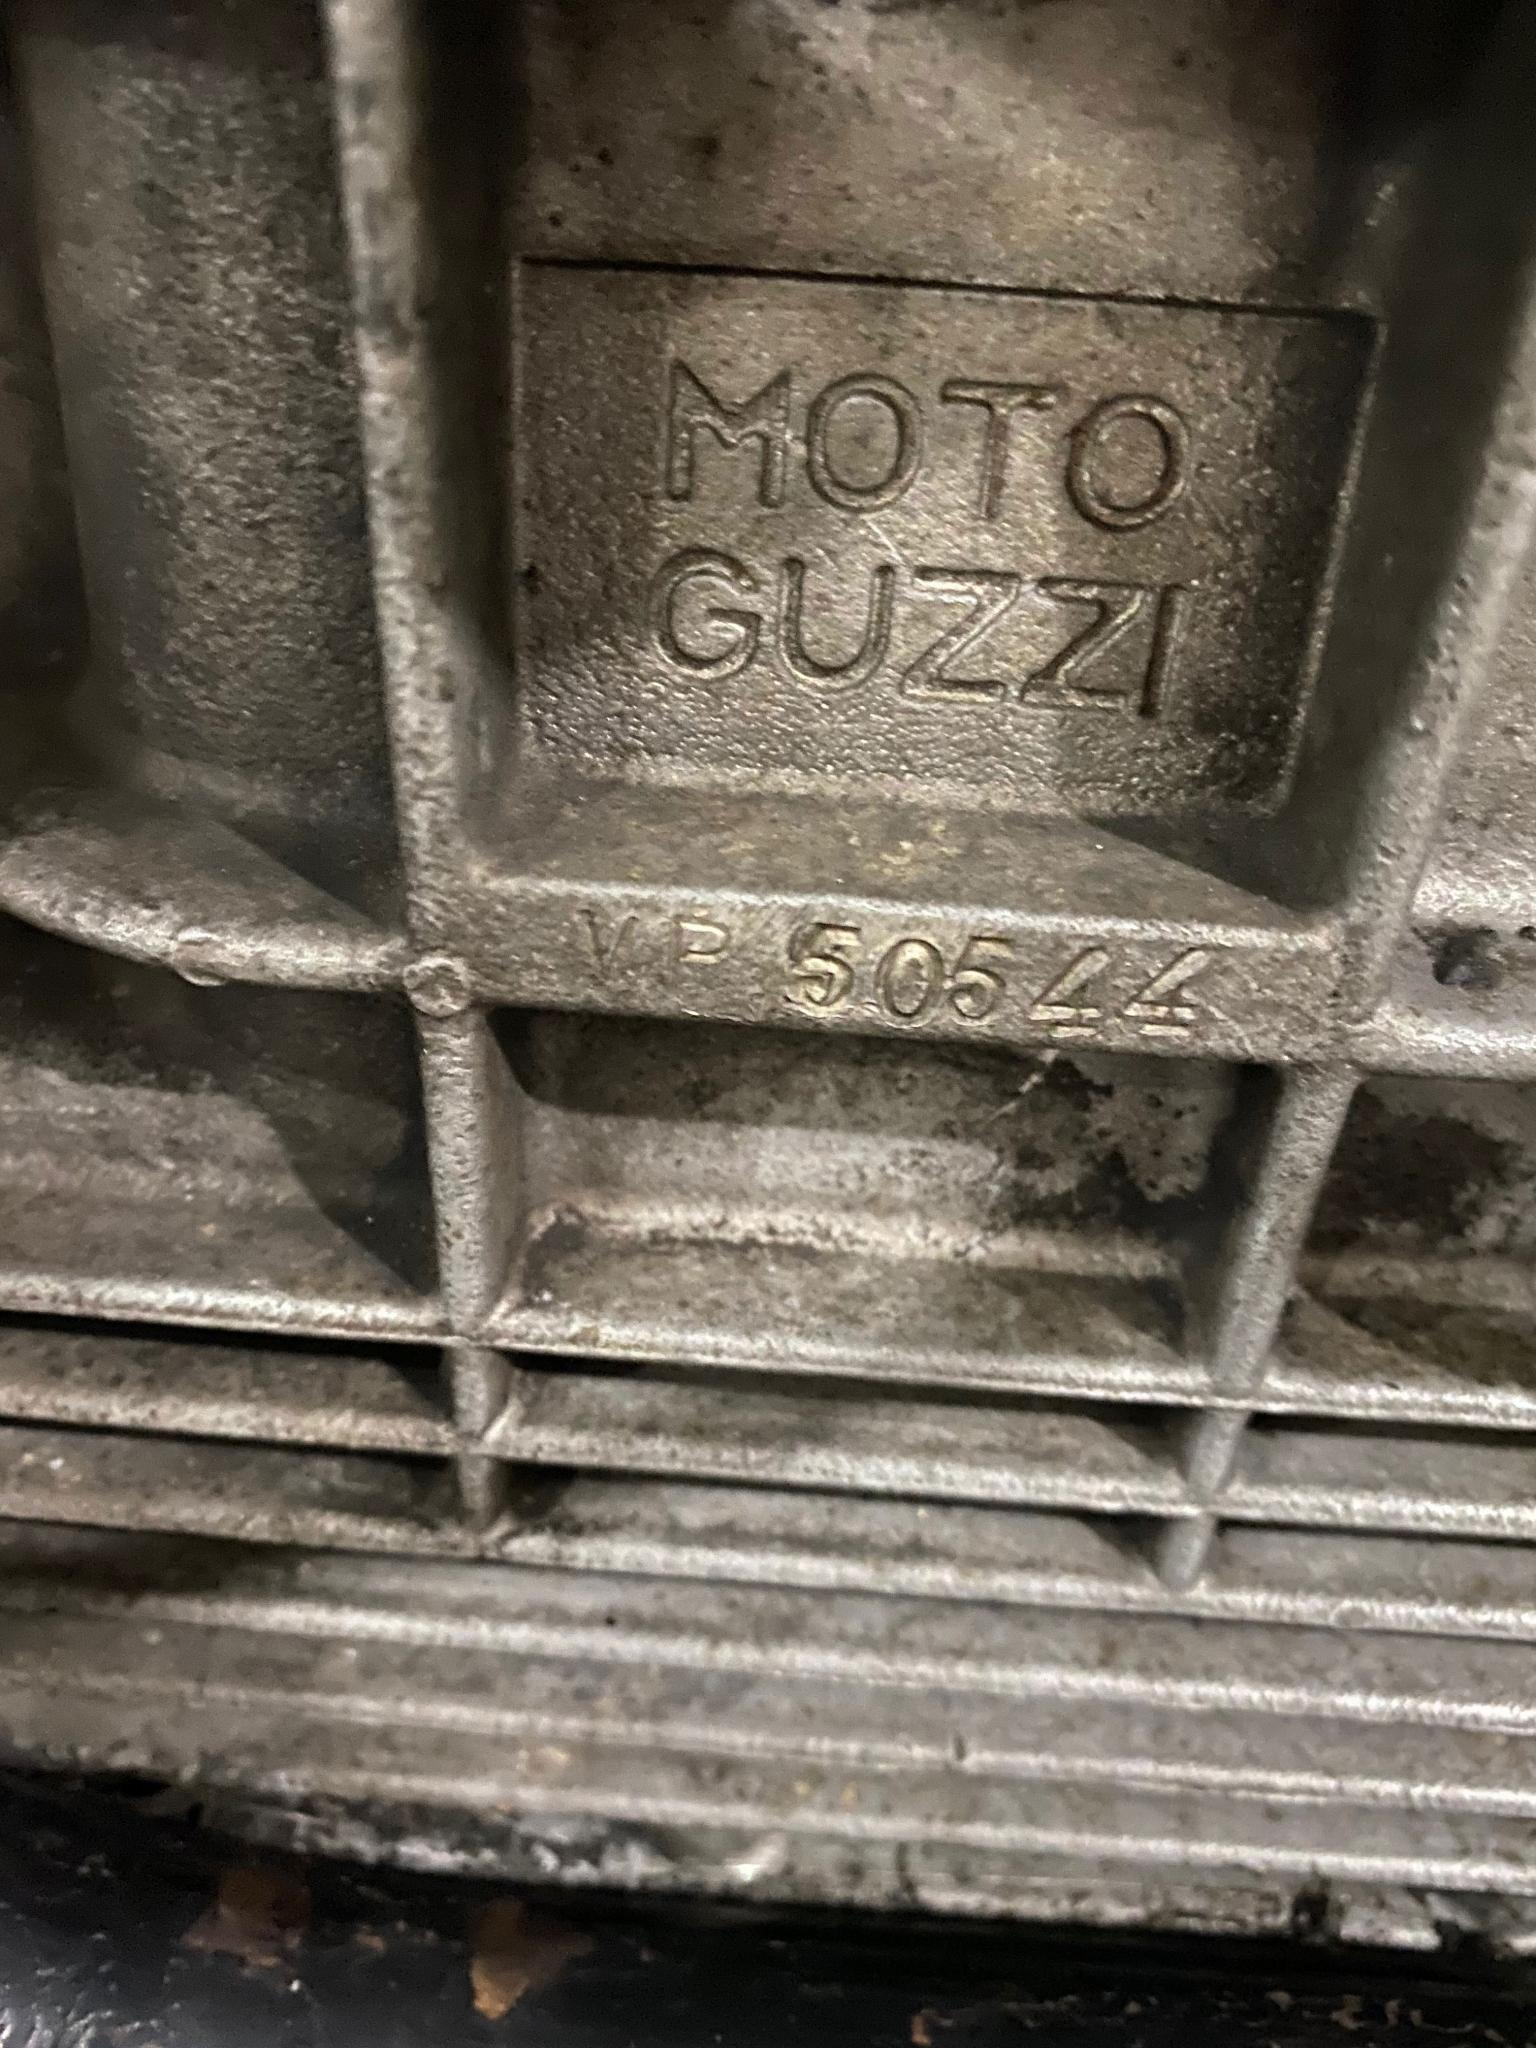 モトグッツイ 1972 Moto Guzzi Eldorado 車体写真11